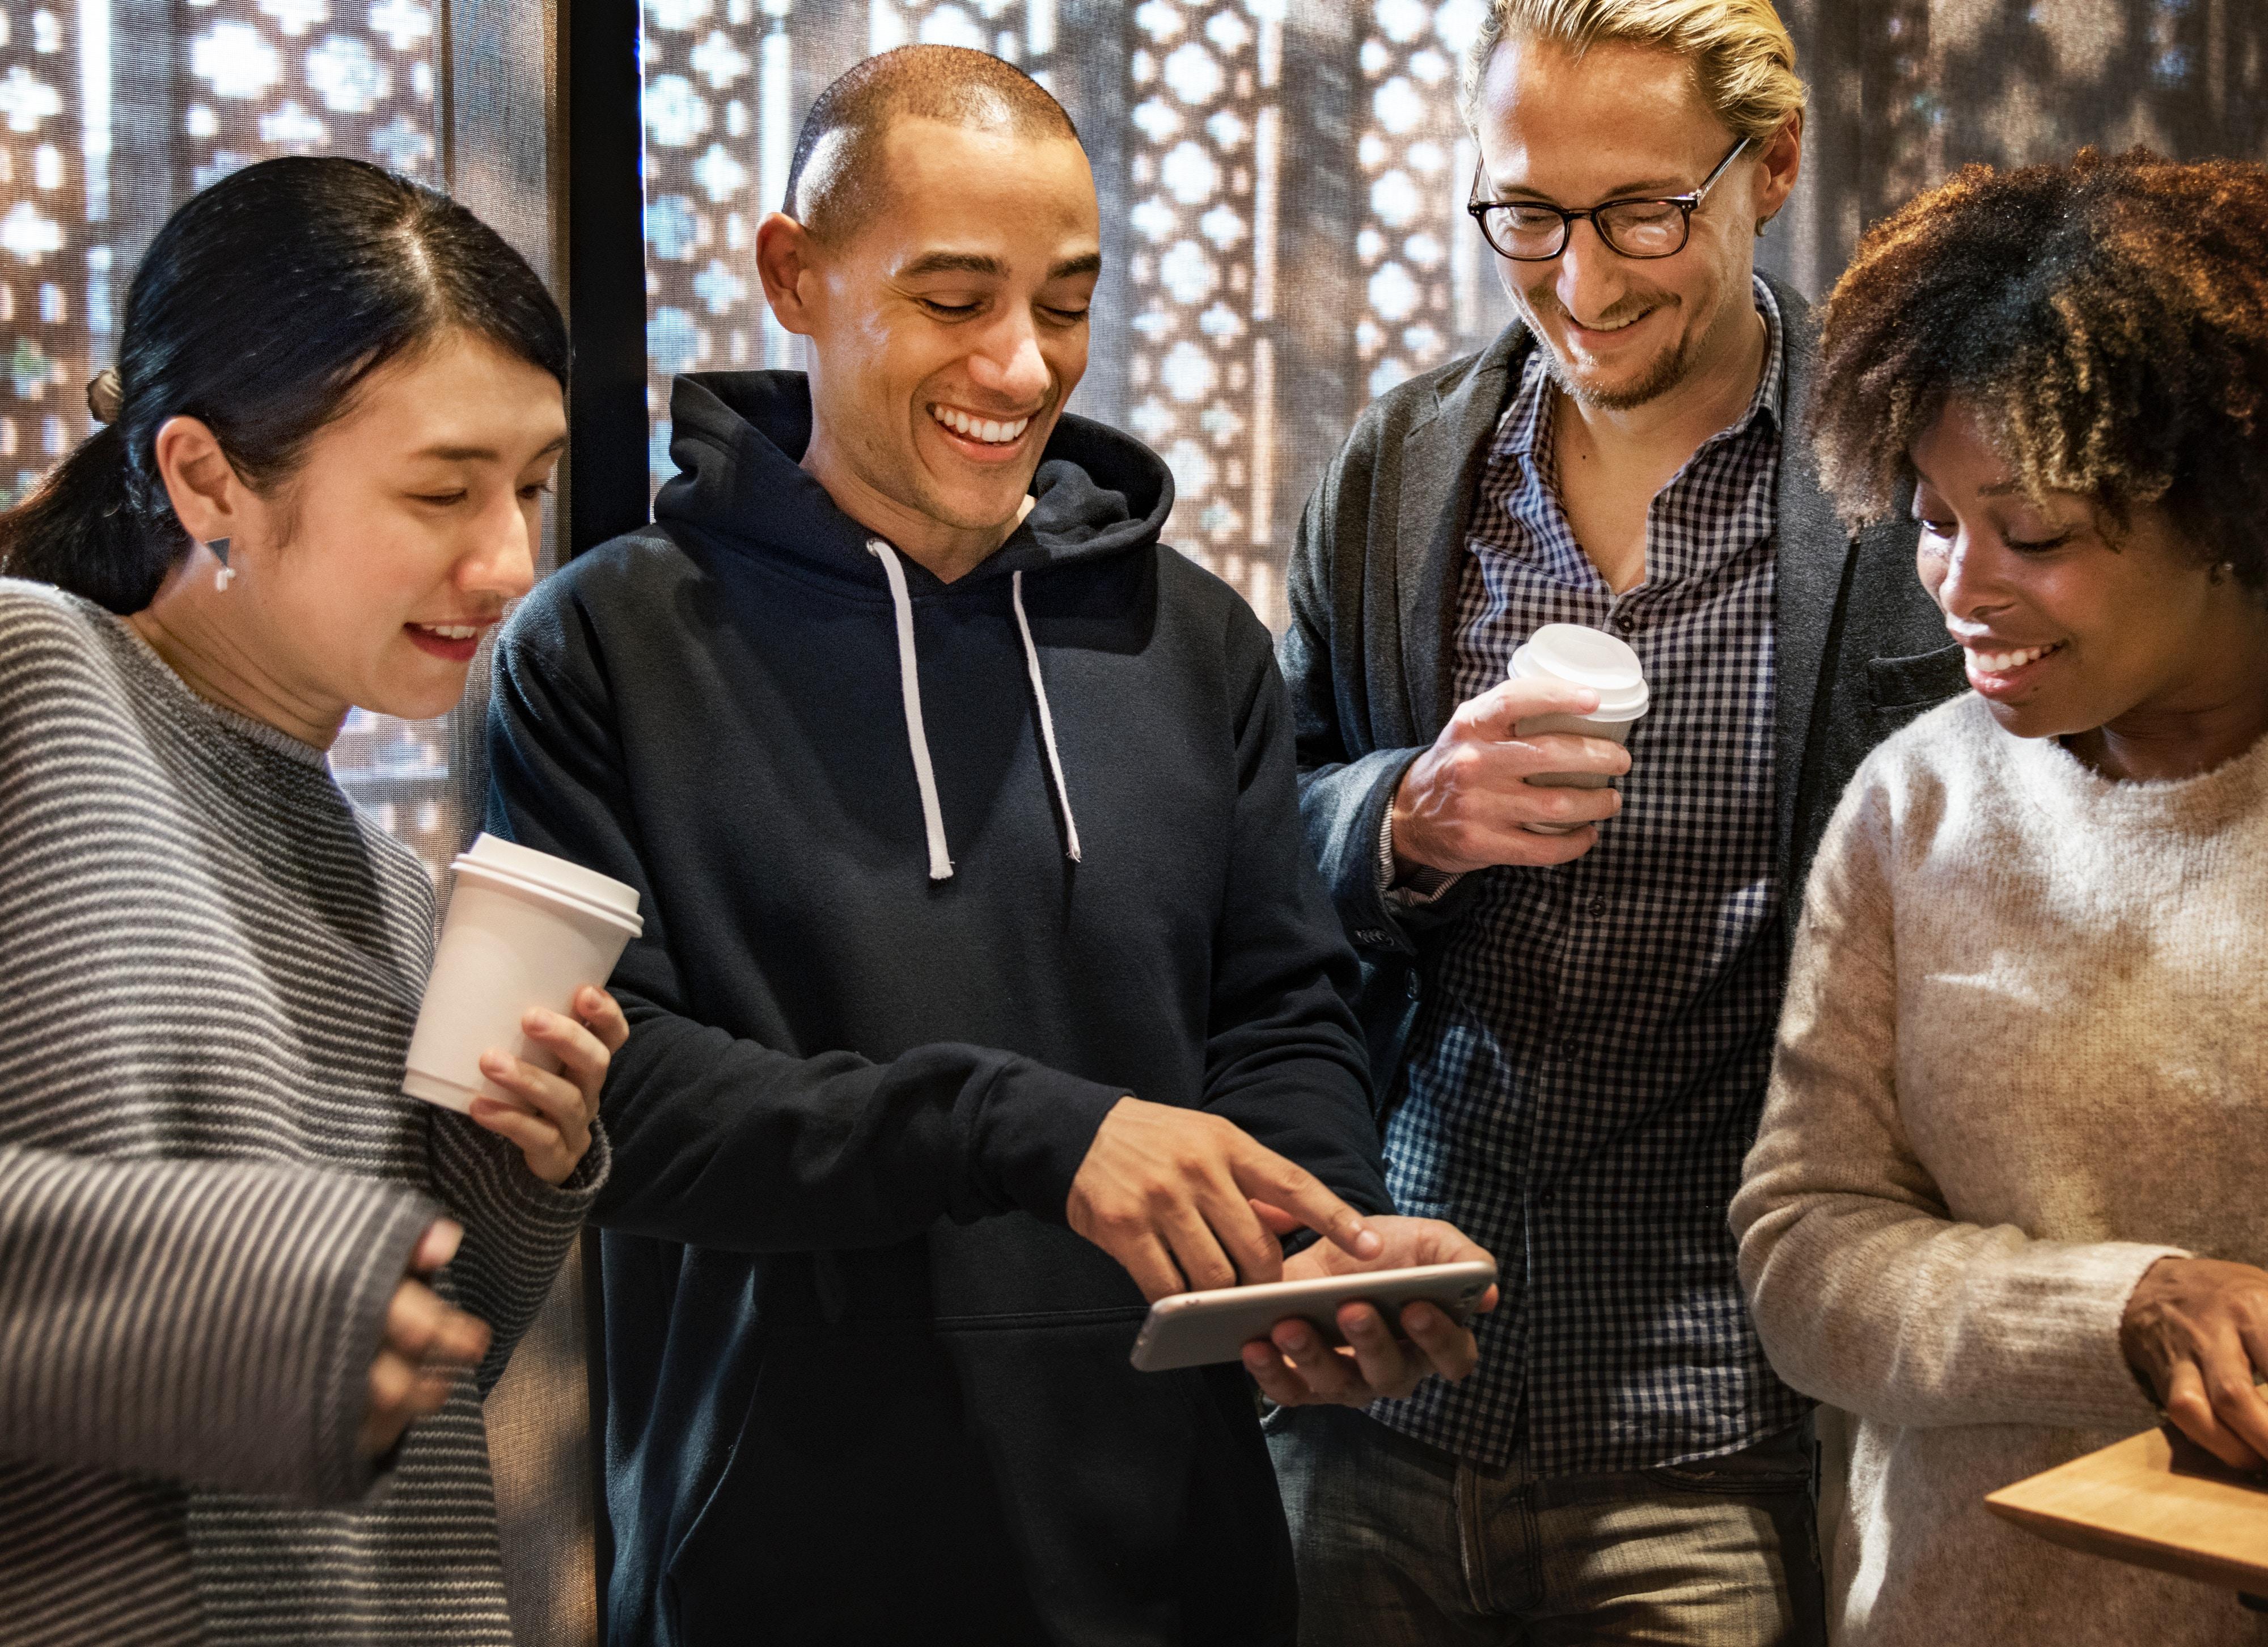 netværk, møder, mennesker. introvert, ekstrovert, personlighed, type, menneske